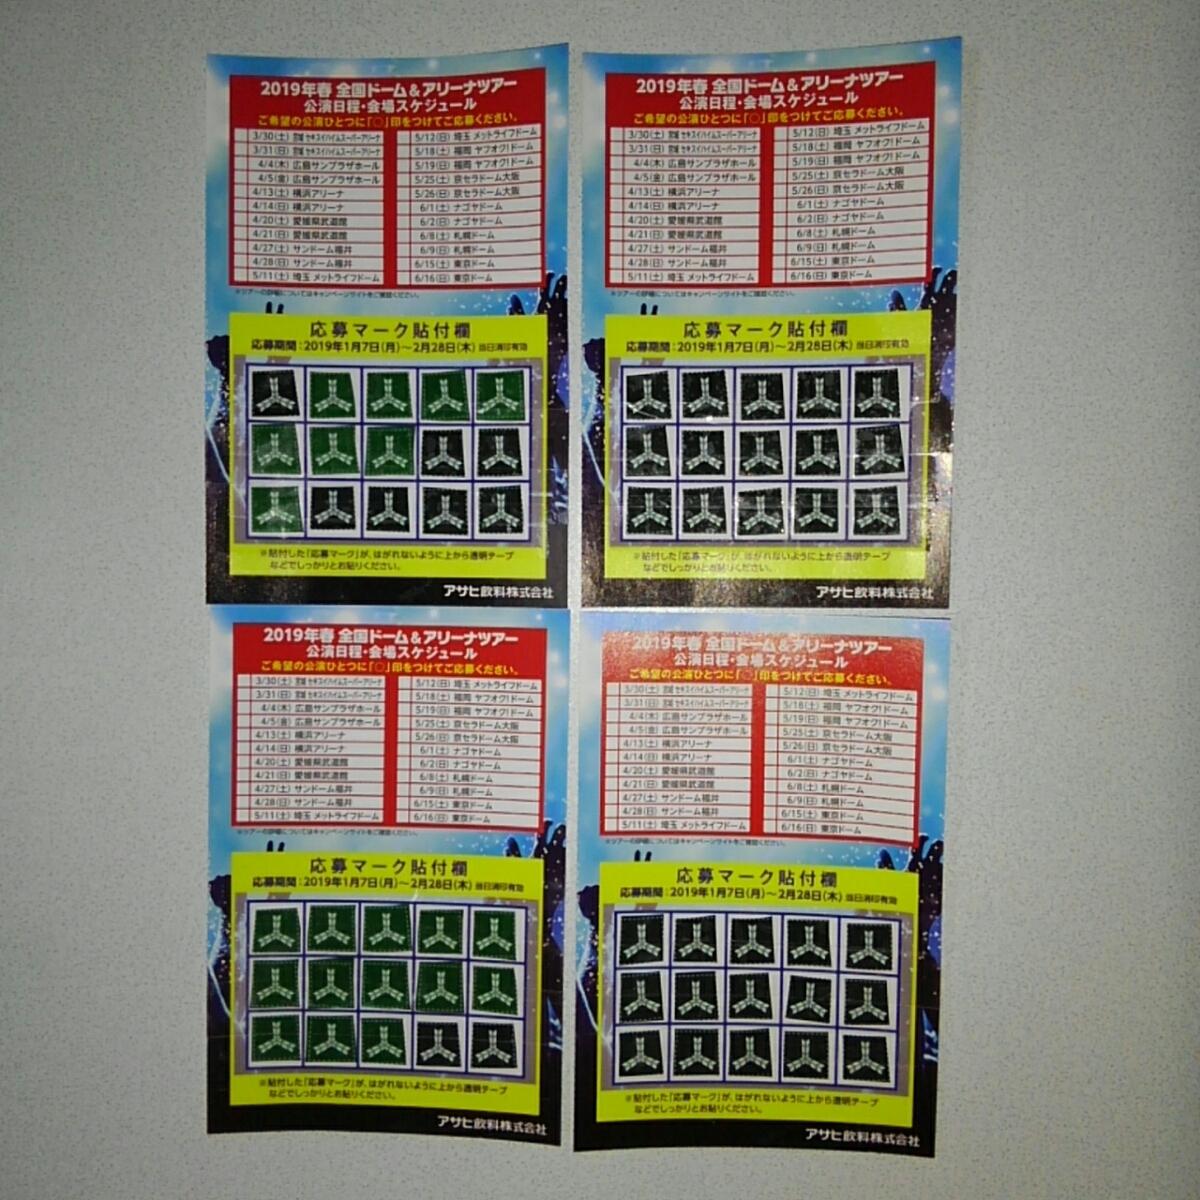 アサヒ 三ツ矢サイダー サザンオールスターズ2019年春 全国ドーム&アリーナツアーペアチケット 応募マーク60枚 4口分 ハガキ貼付済